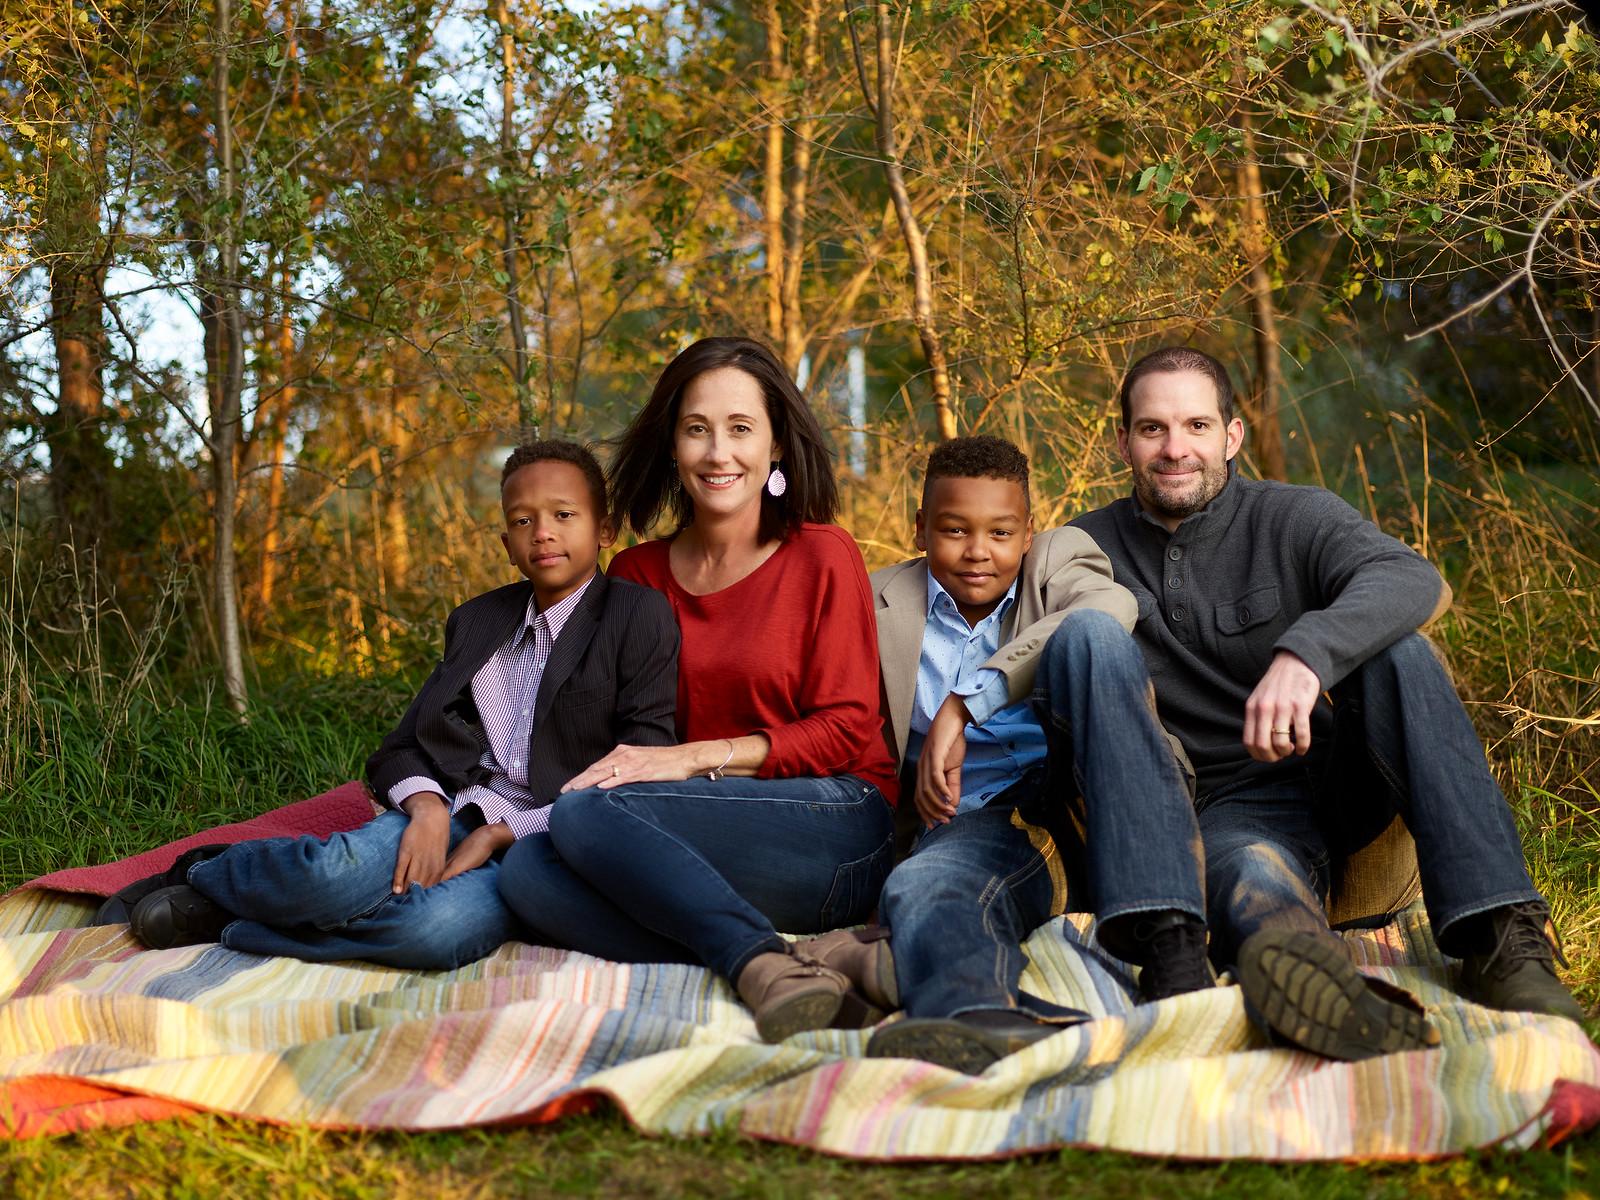 IMAGE: https://photos.smugmug.com/Clients/Rowe-Extended-Family/i-rgMVscR/0/e7f31448/X3/CF091669-X3.jpg